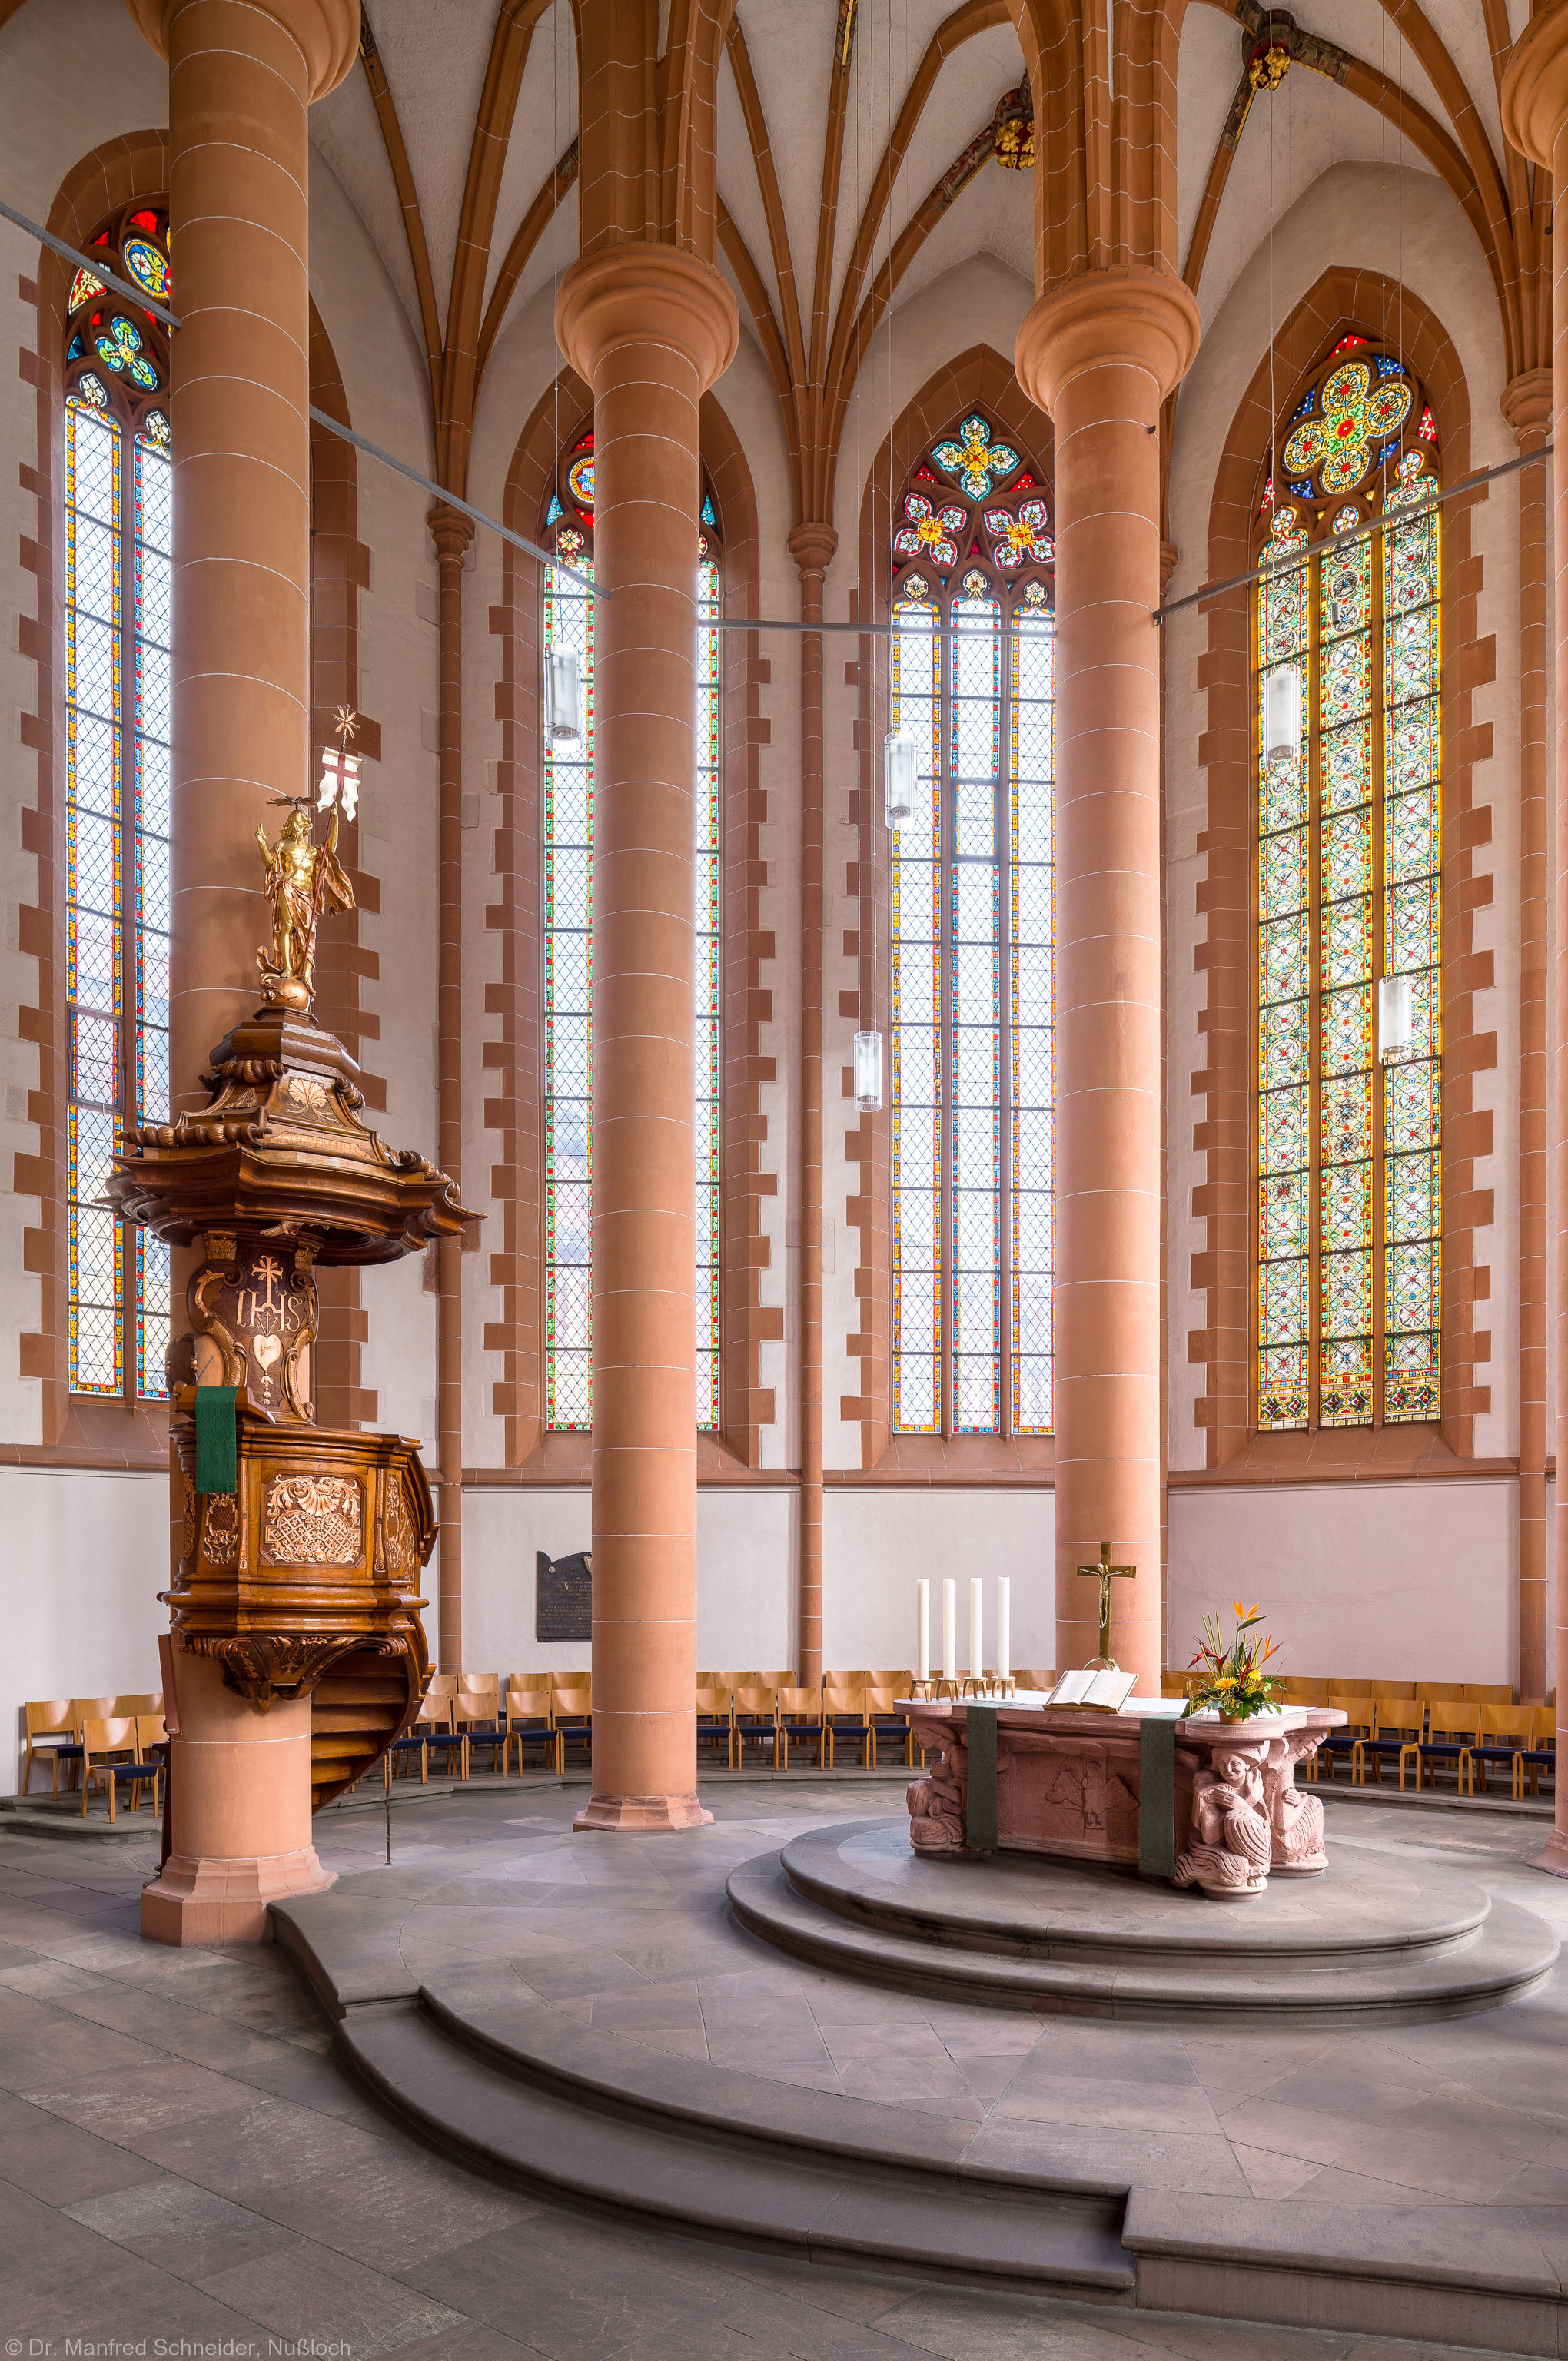 Heidelberg - Heiliggeistkirche - Kanzel - Blick in den Chor, auf die Kanzel und den Altar (aufgenommen im Februar 2015, um die Mittagszeit)